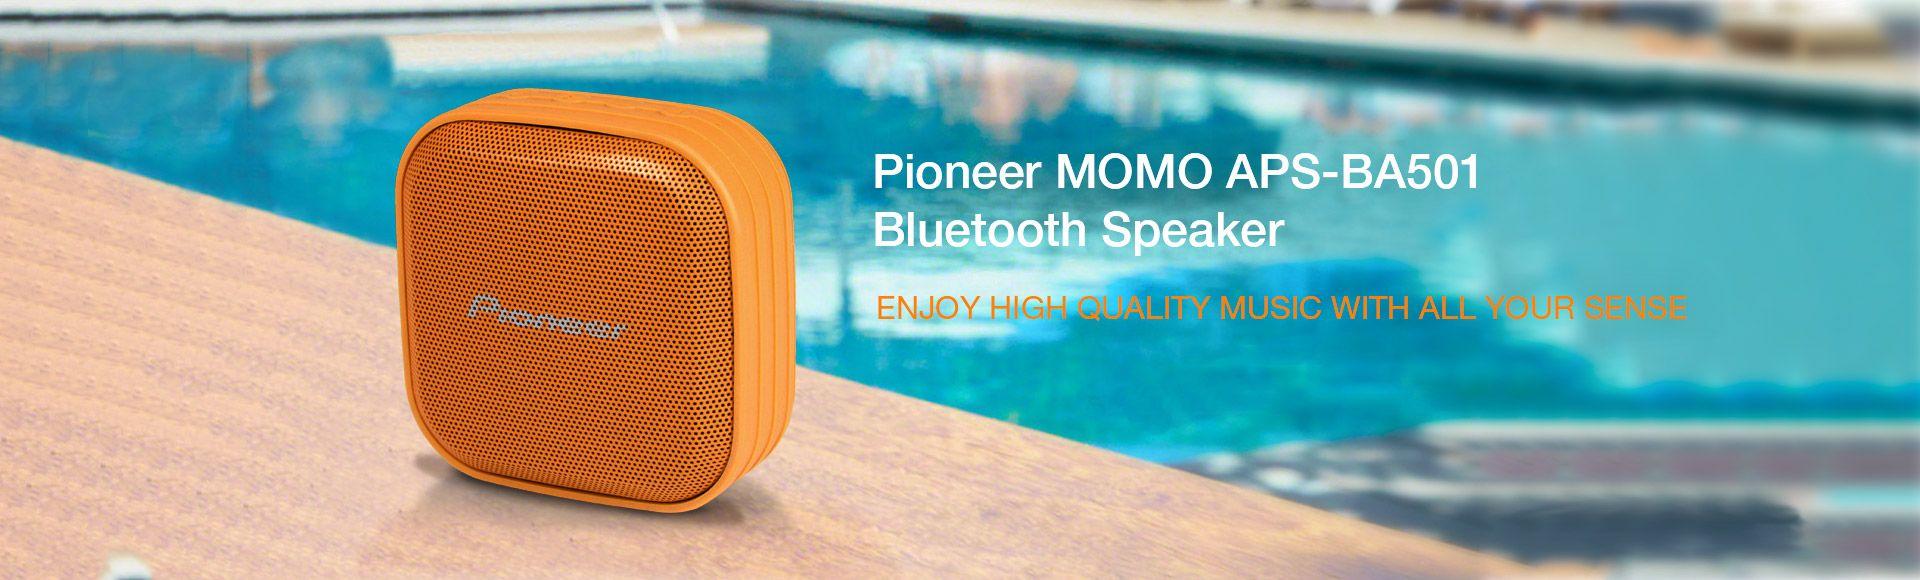 Pioneer MOMO APS-BA501W Bluetooth Speaker  - Passive Loudspeakers Portable IPX-7 Waterproof Outdoor MP3 Speakers for iPhone Android